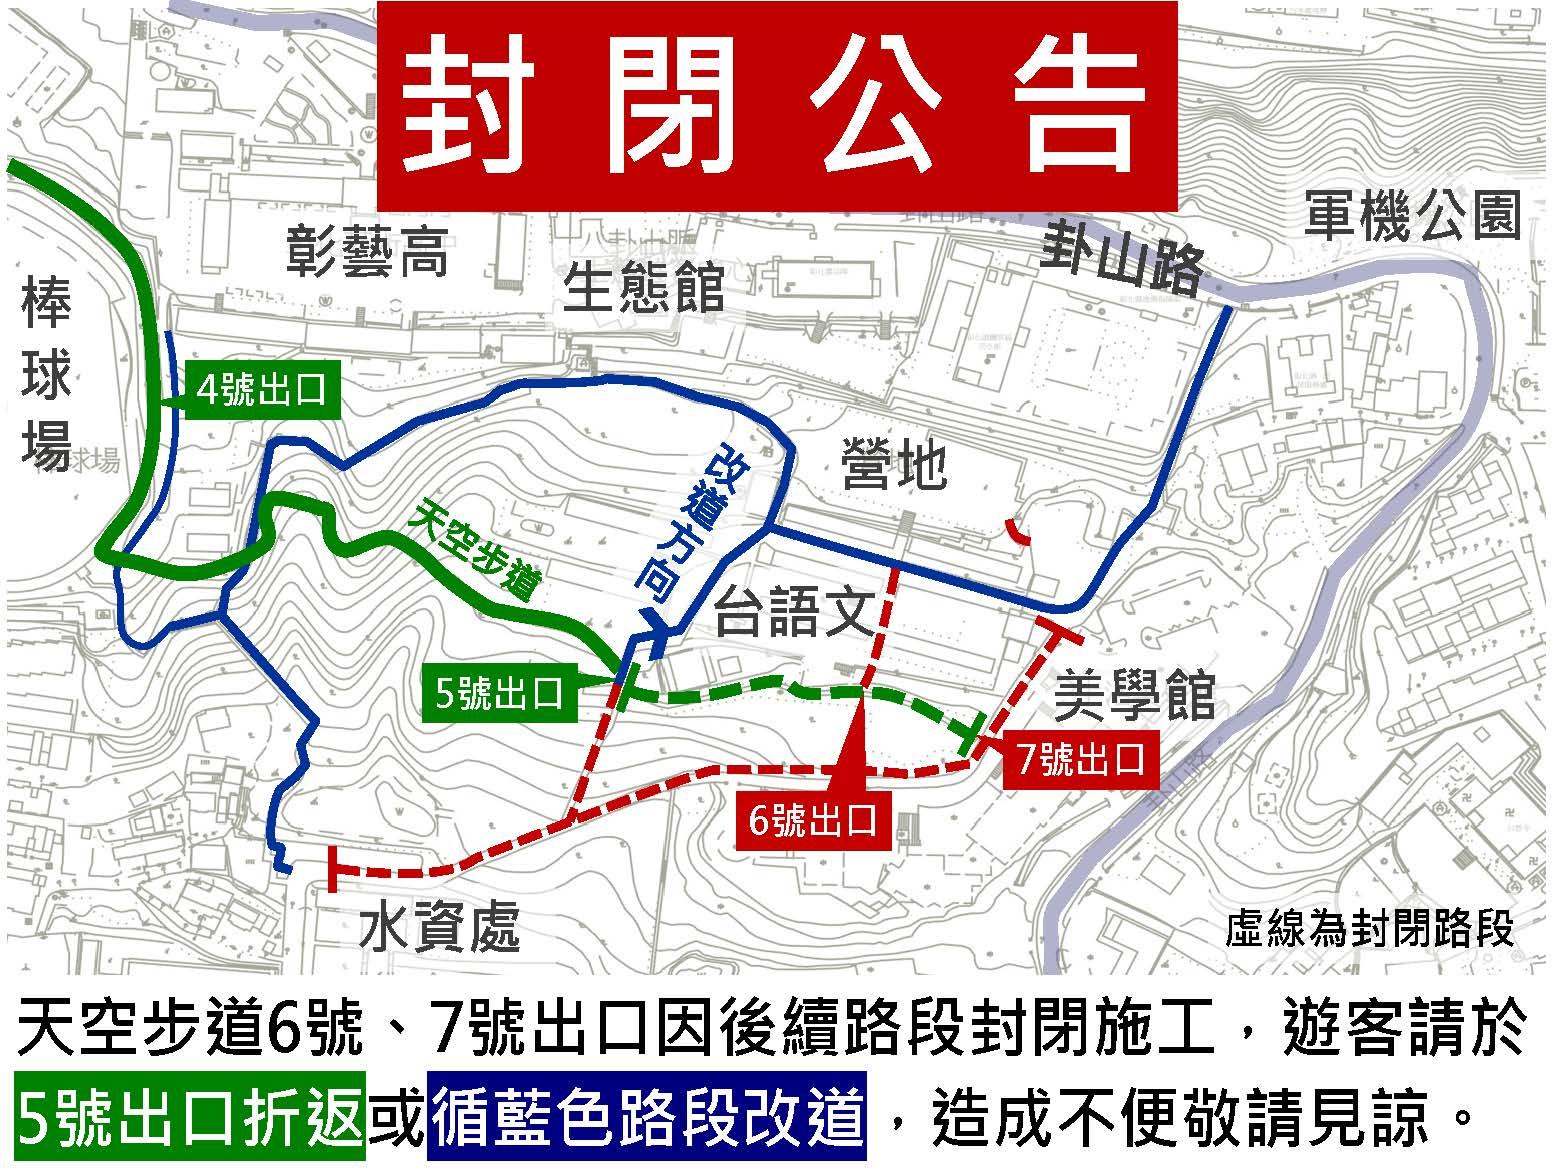 彰化縣政府辦理八卦山登山步道整修工程,封閉天空步道6號及7號出口,請民眾改道通行